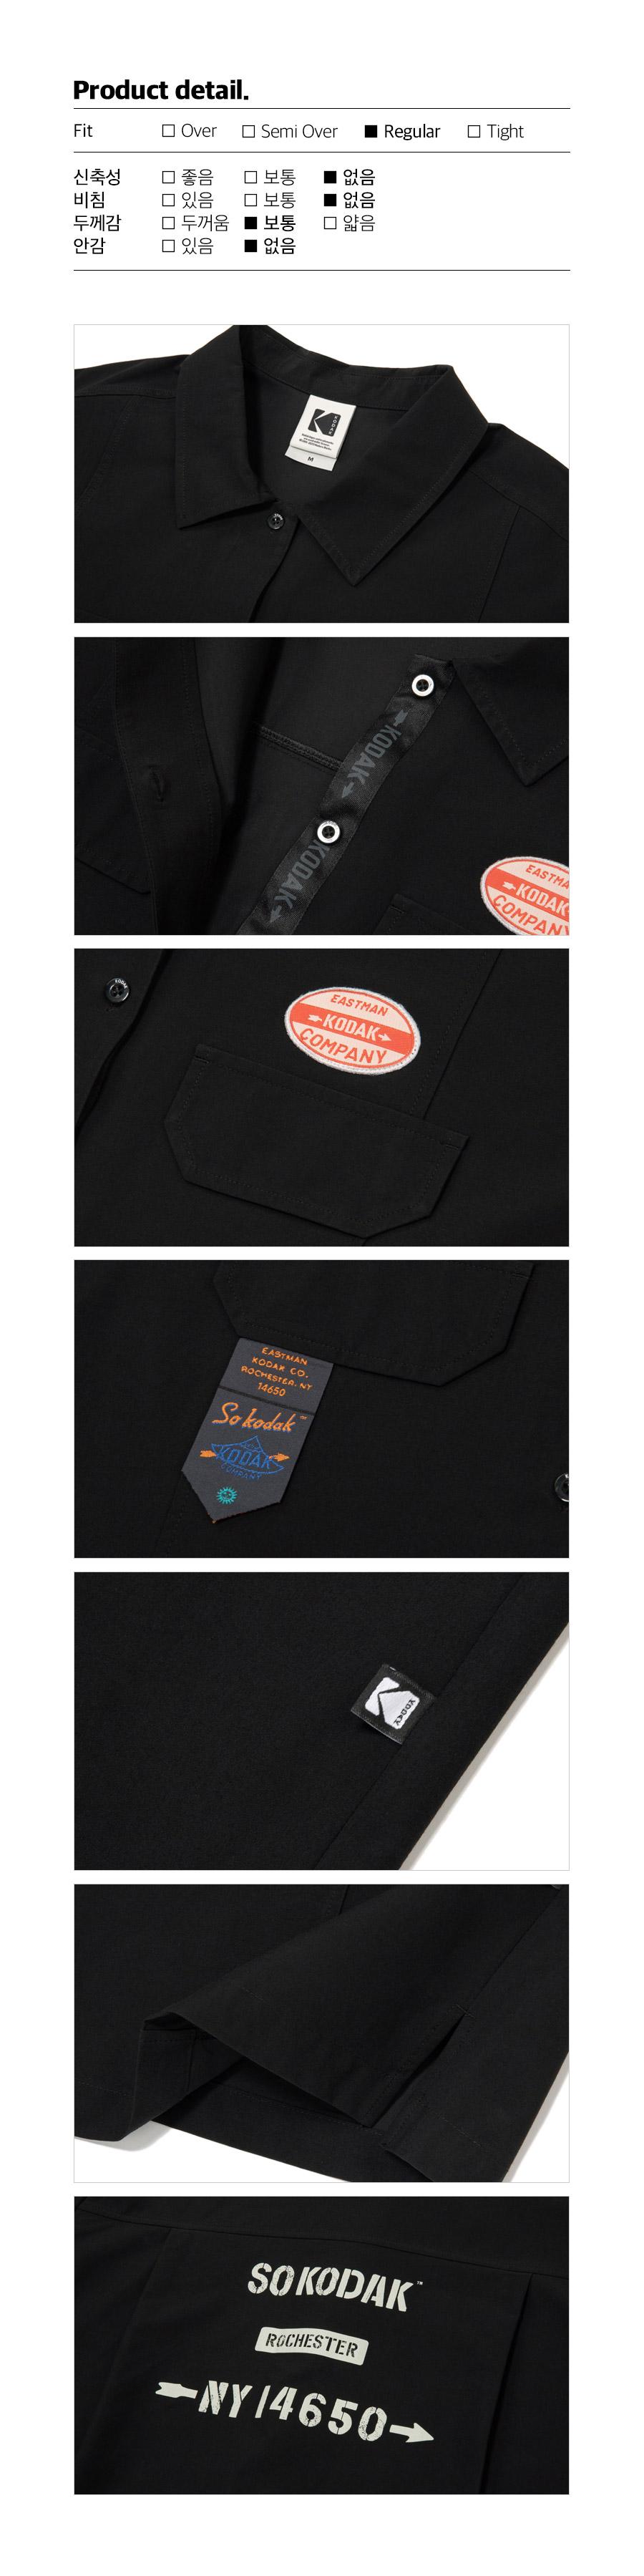 코닥(KODAK) 뷰파인더 롱 셔츠 우먼 BLACK